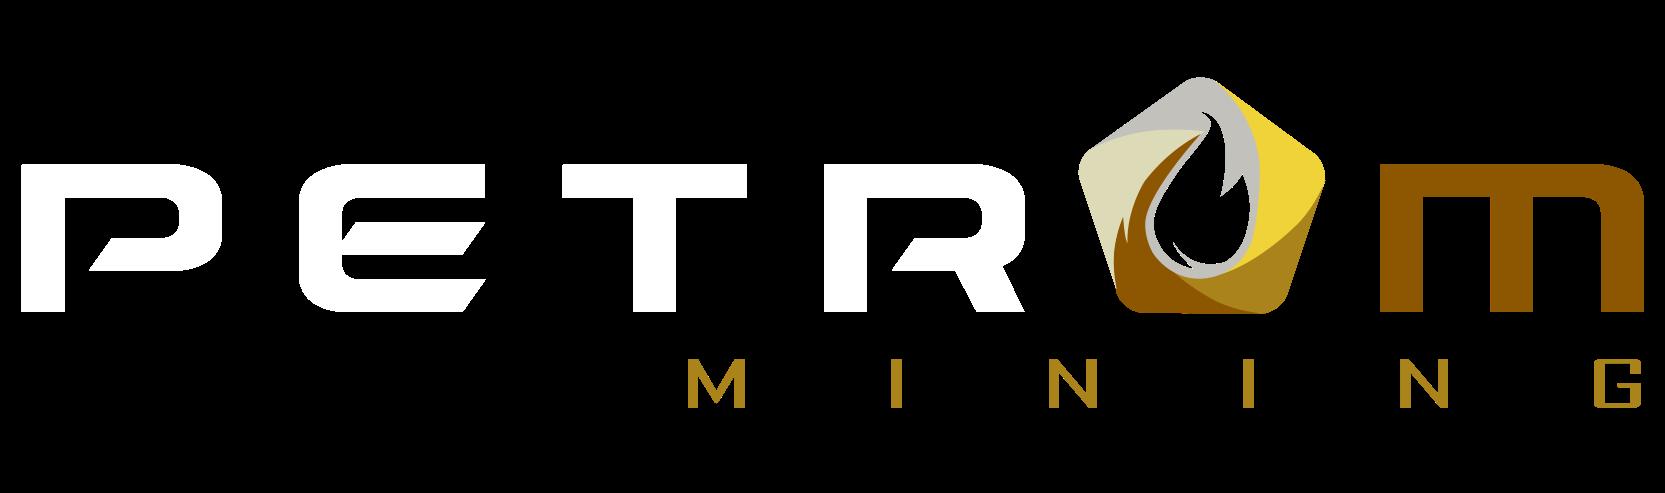 PetroM Mining | International Mining Solutions